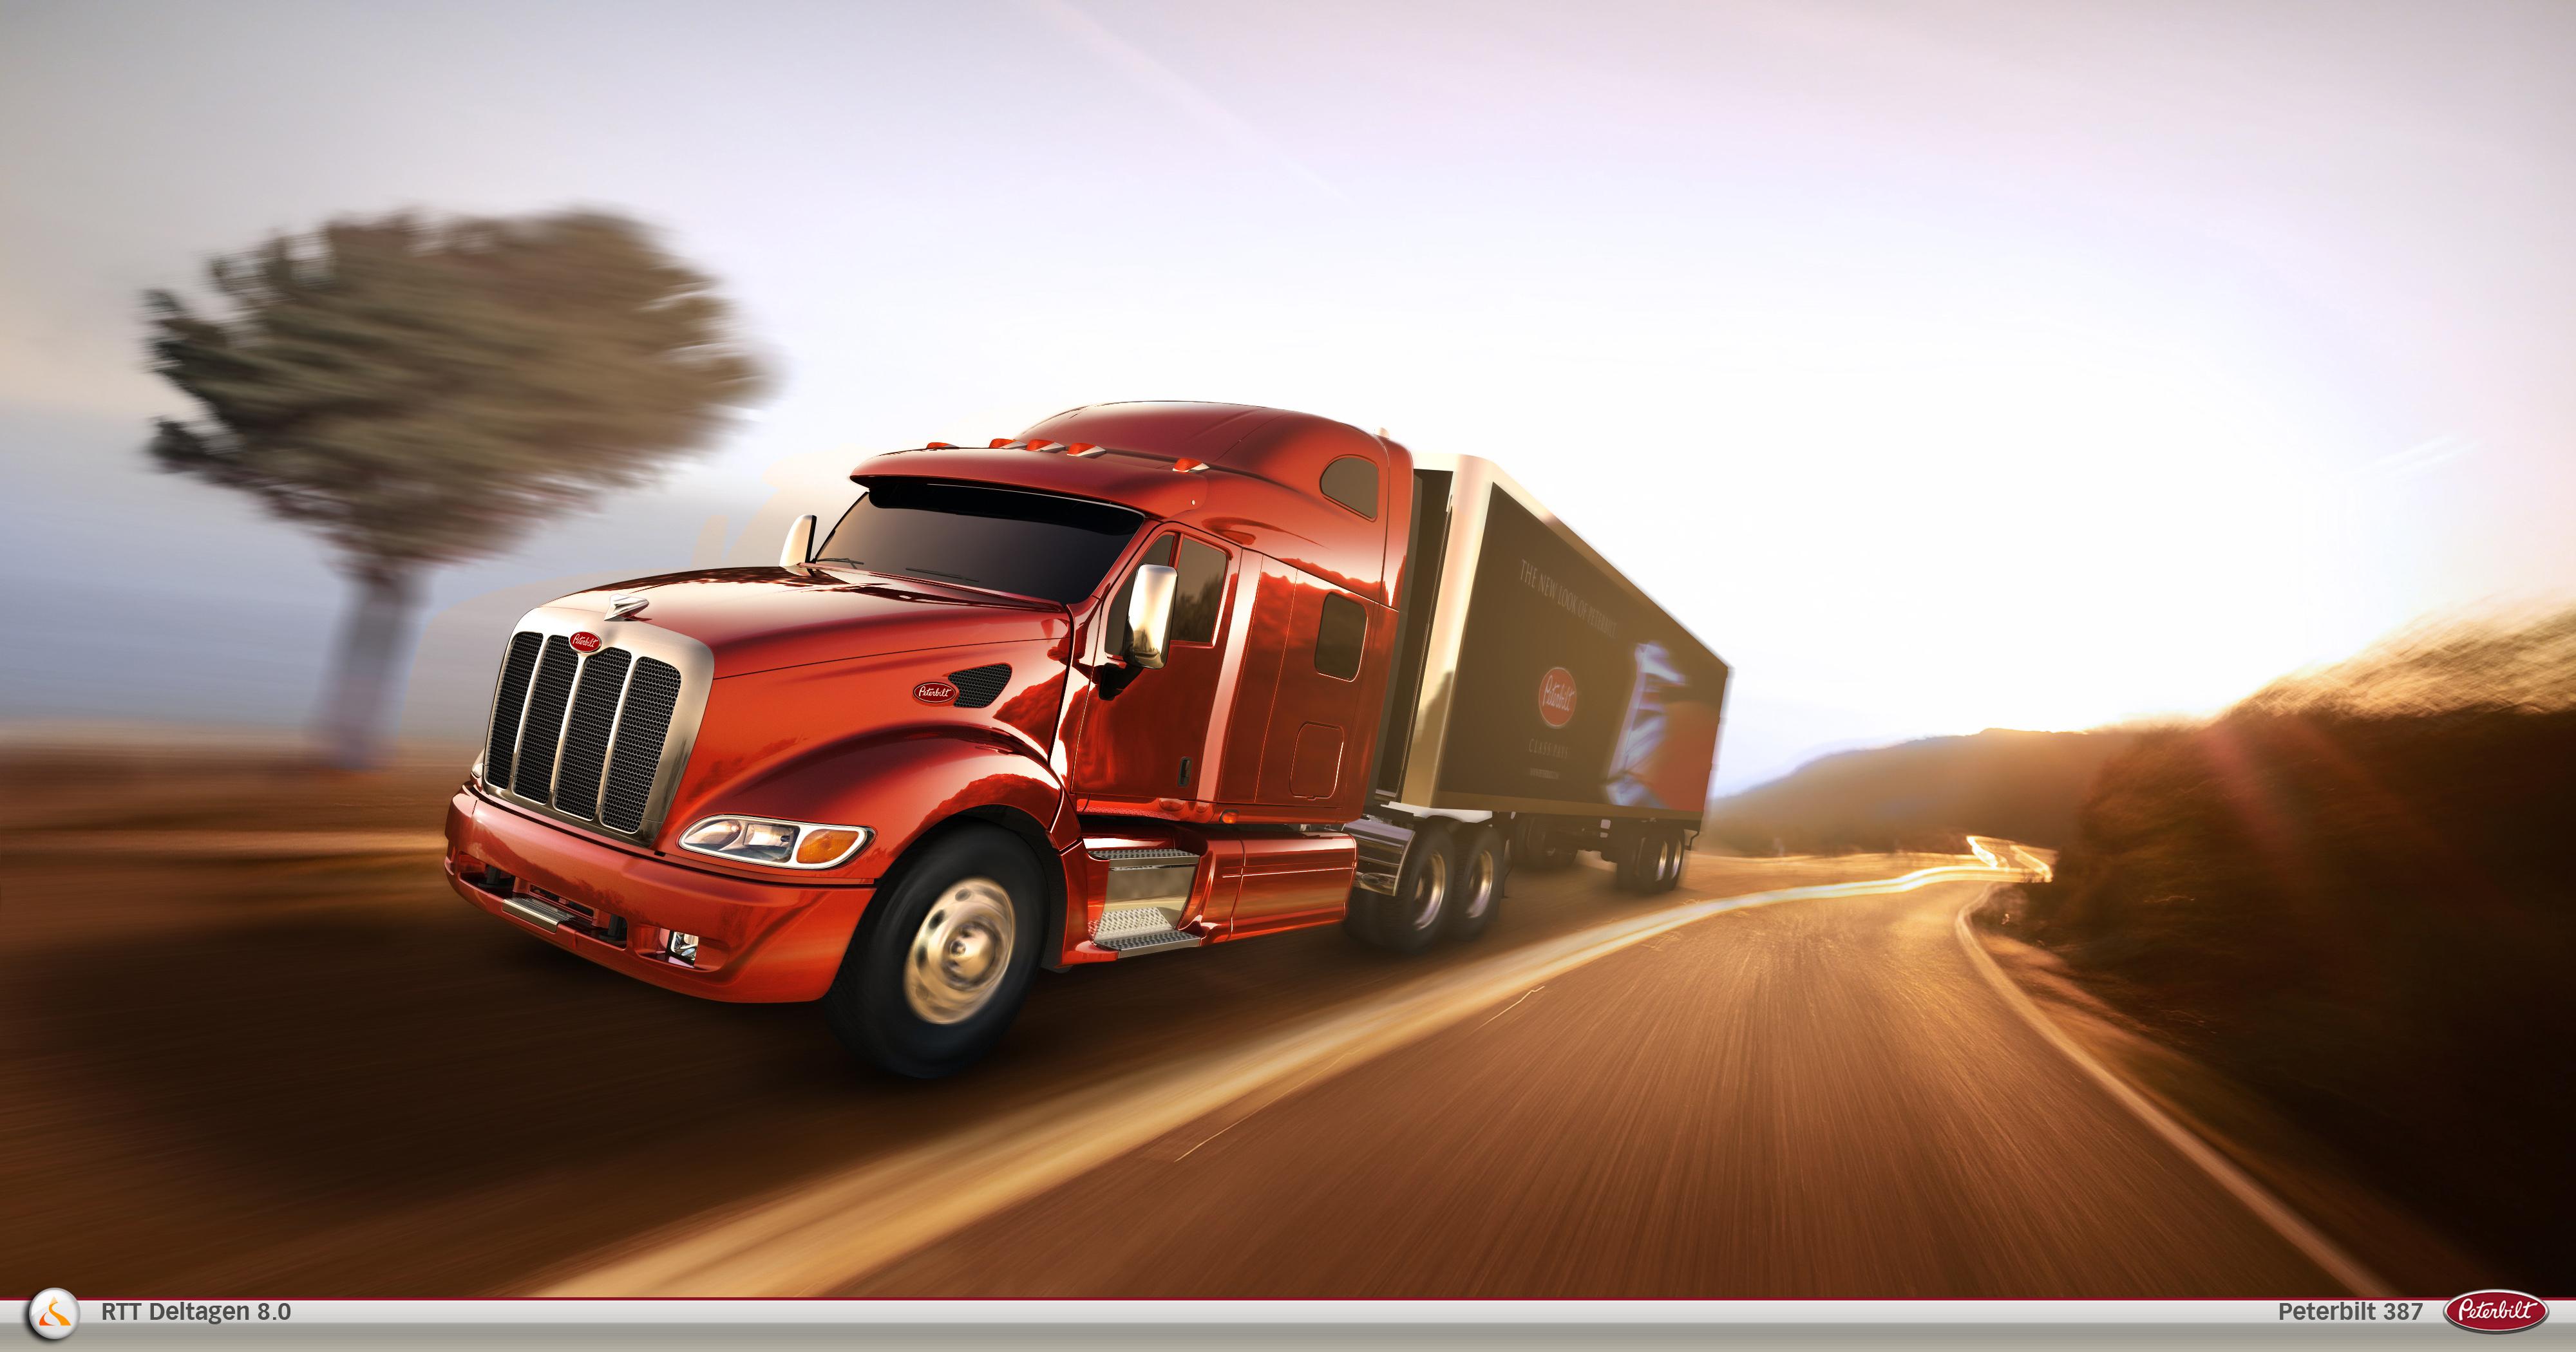 Peterbilt 379 17 wallpaper peterbilt trucks buses wallpaper